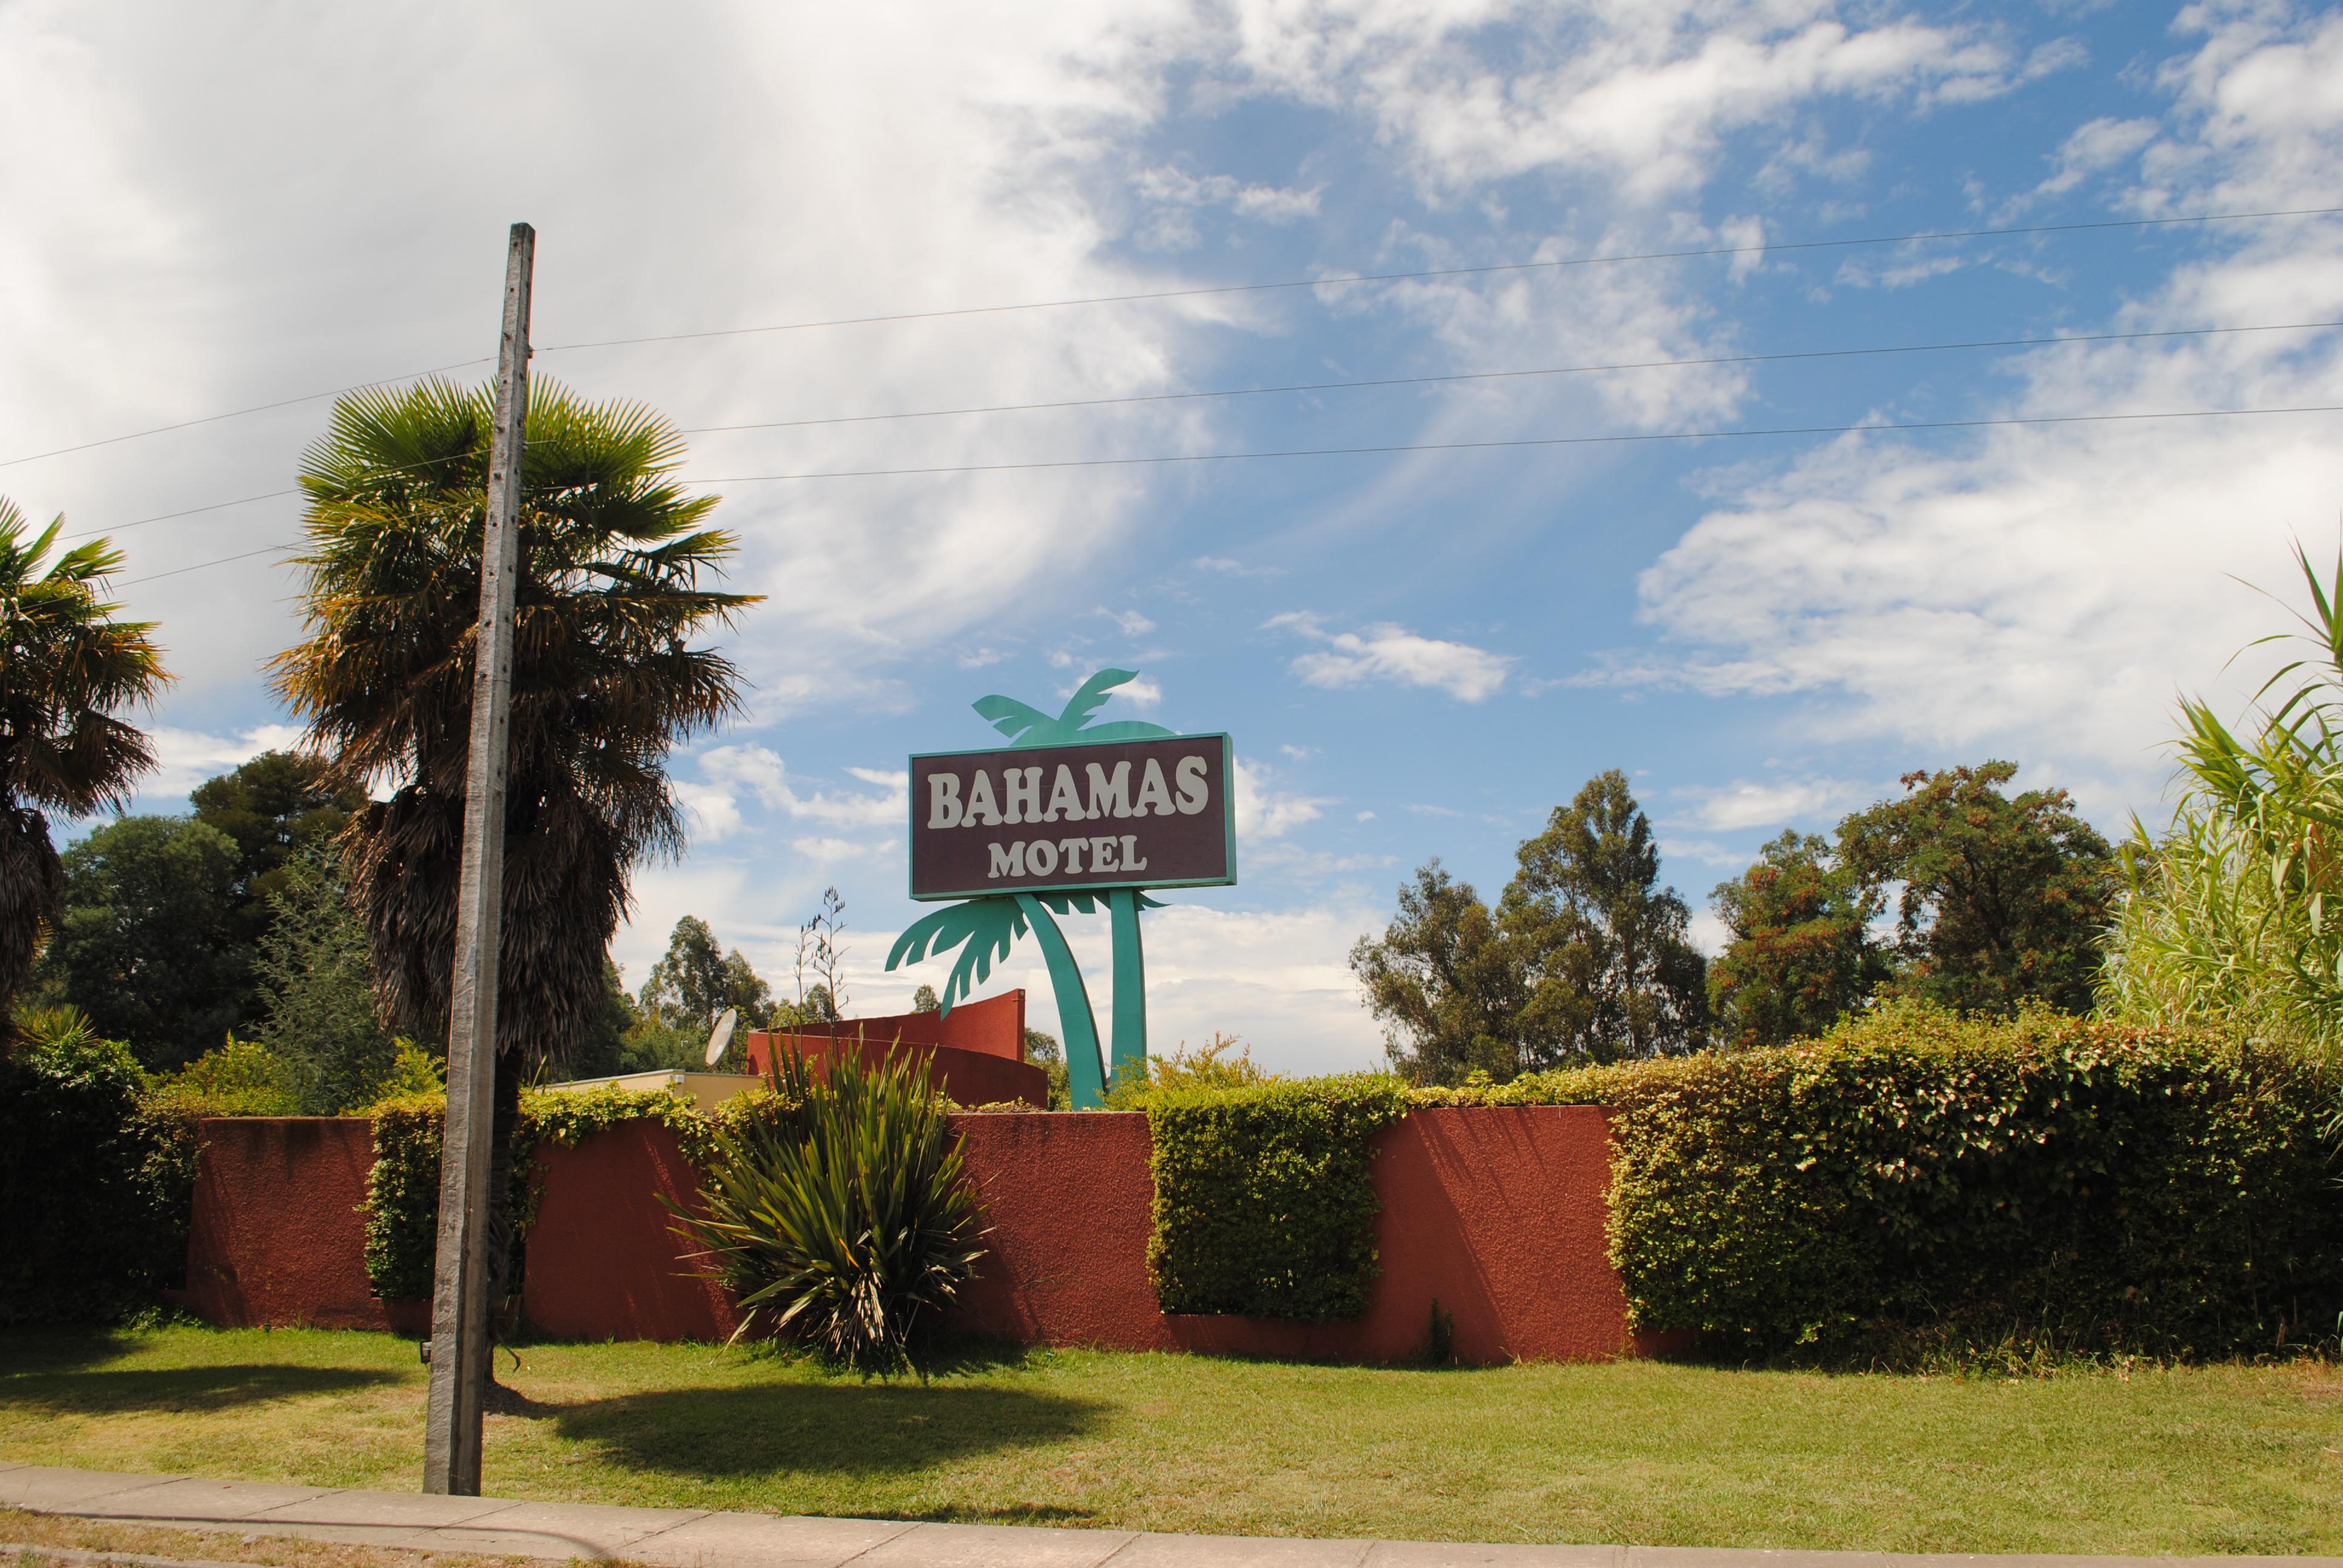 motel bahamas talca